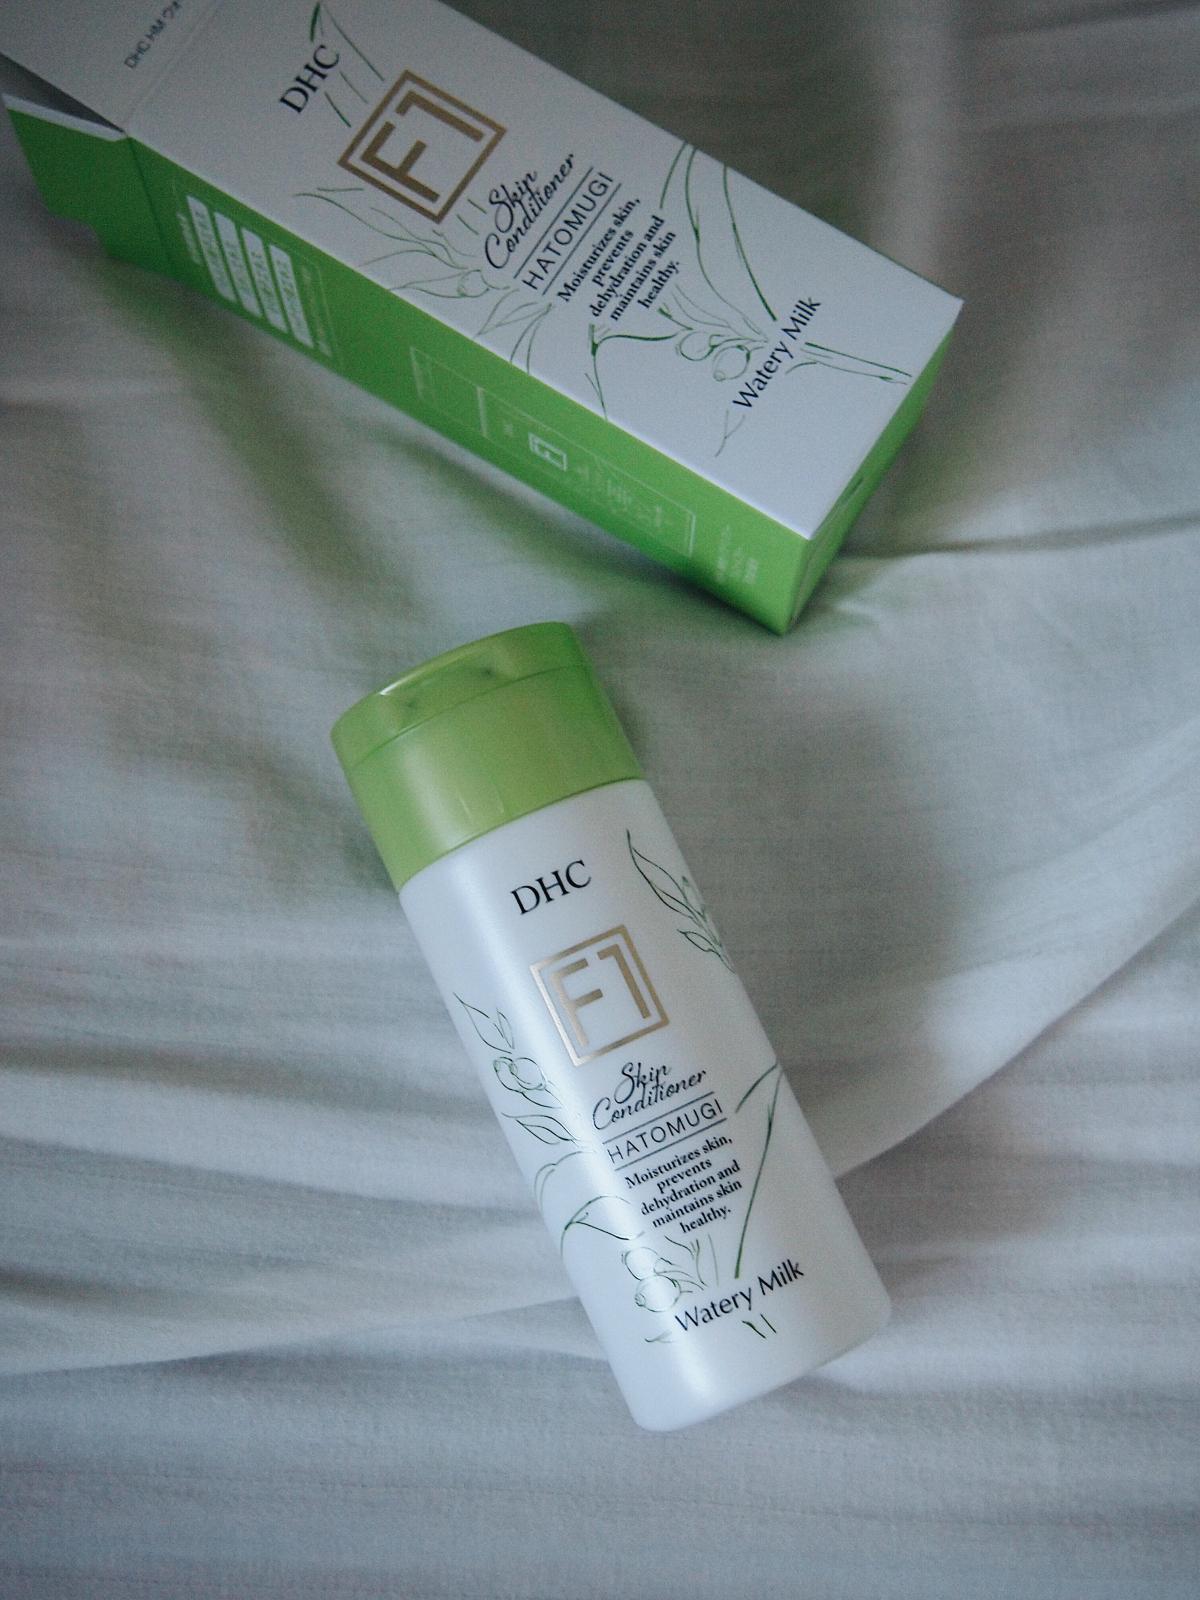 リッチな保湿力とさっぱりした使い心地が両立する乳液♡《DHCハトムギウォータリーミルク》